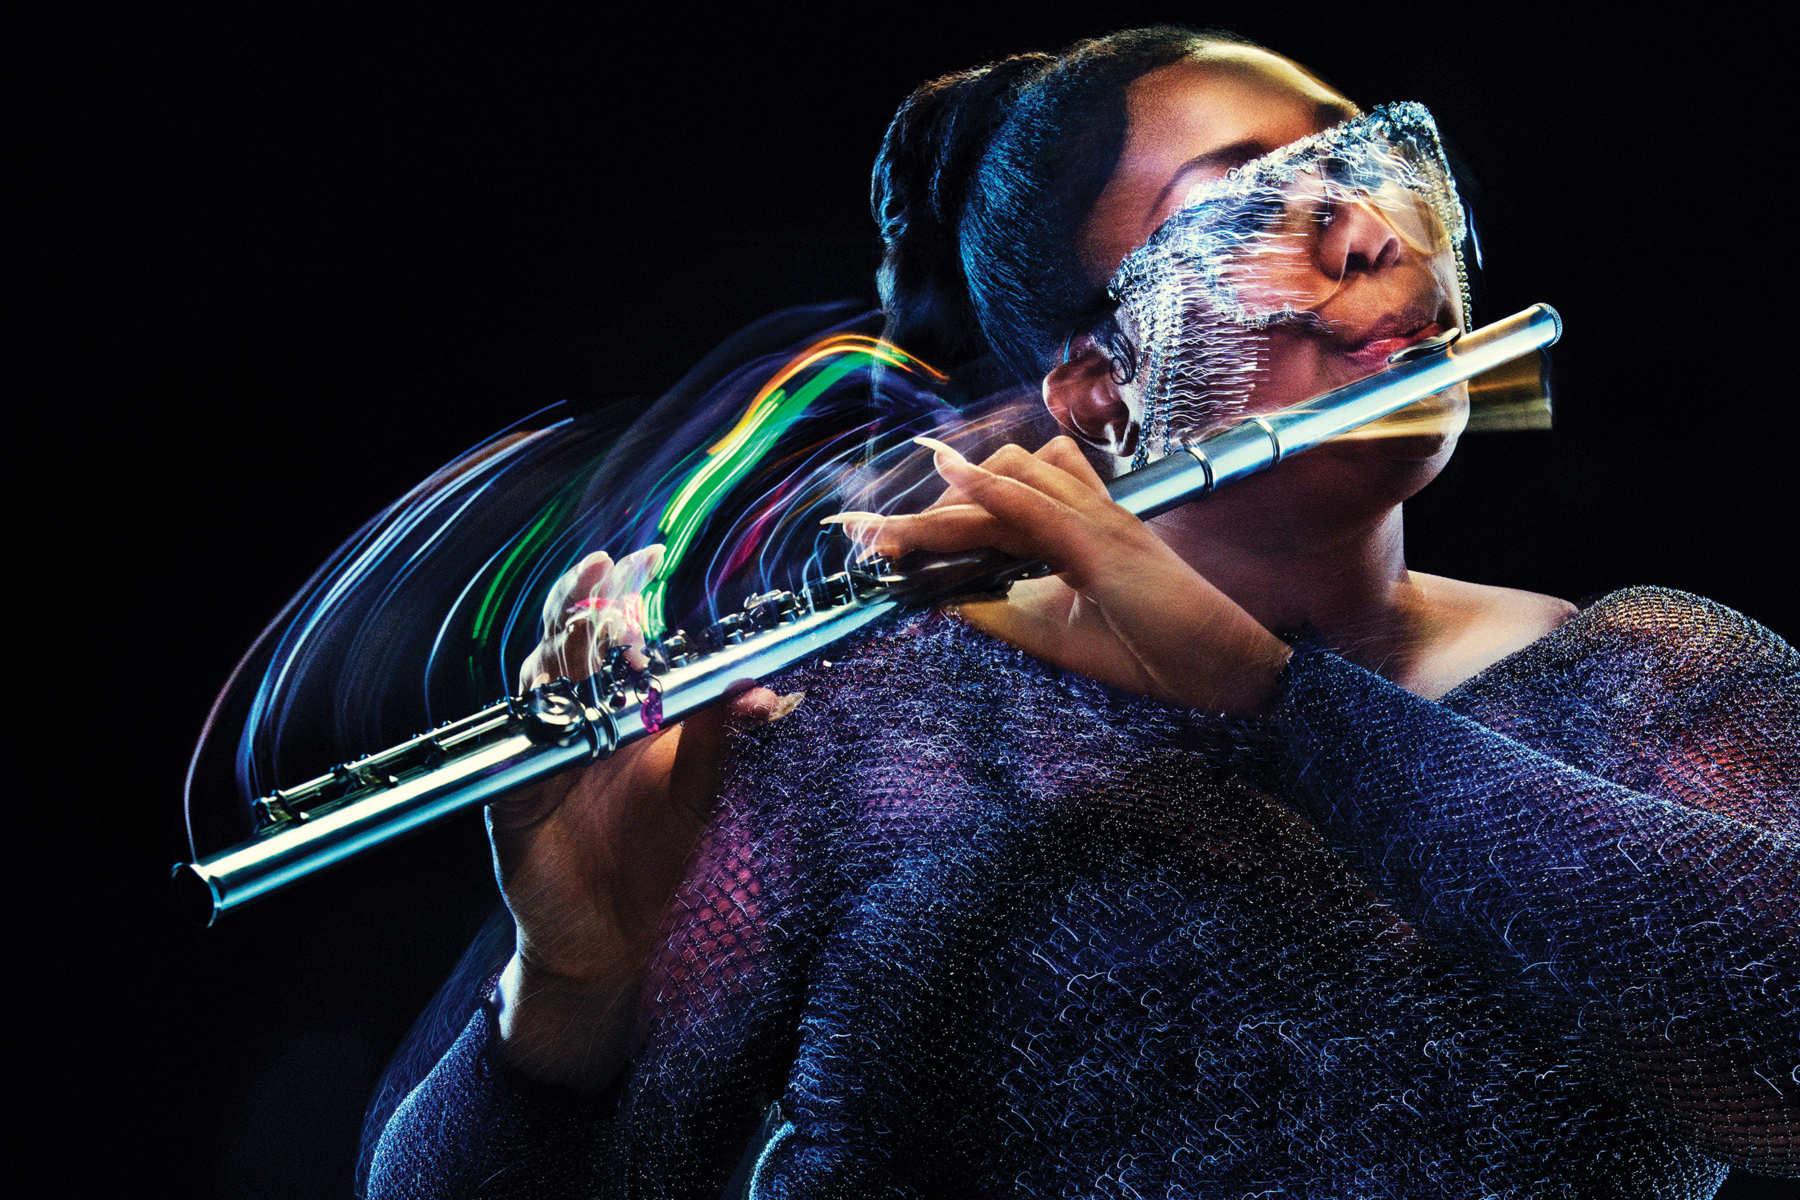 Lizzo Photographed by Pari Dukovic for New York Magazine